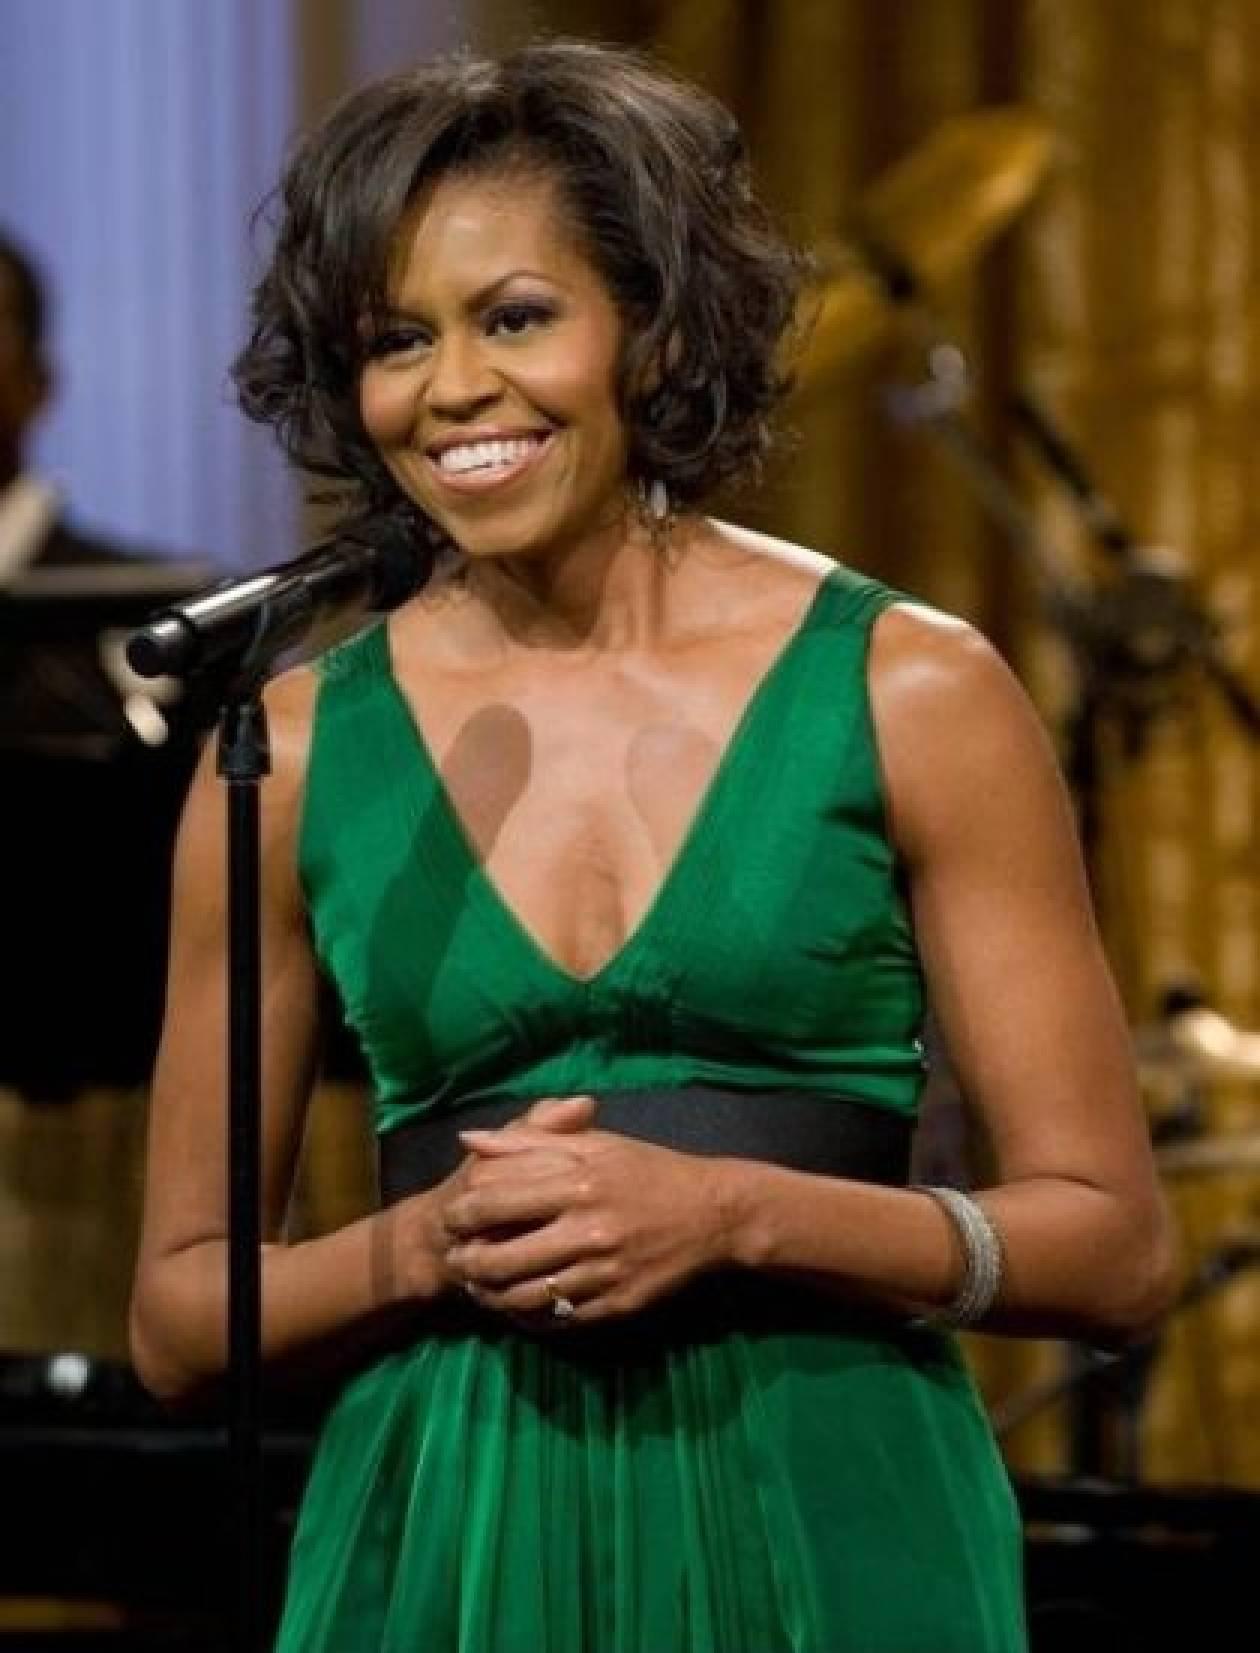 Μηλόπιτα από τα... χέρια της Michelle Obama